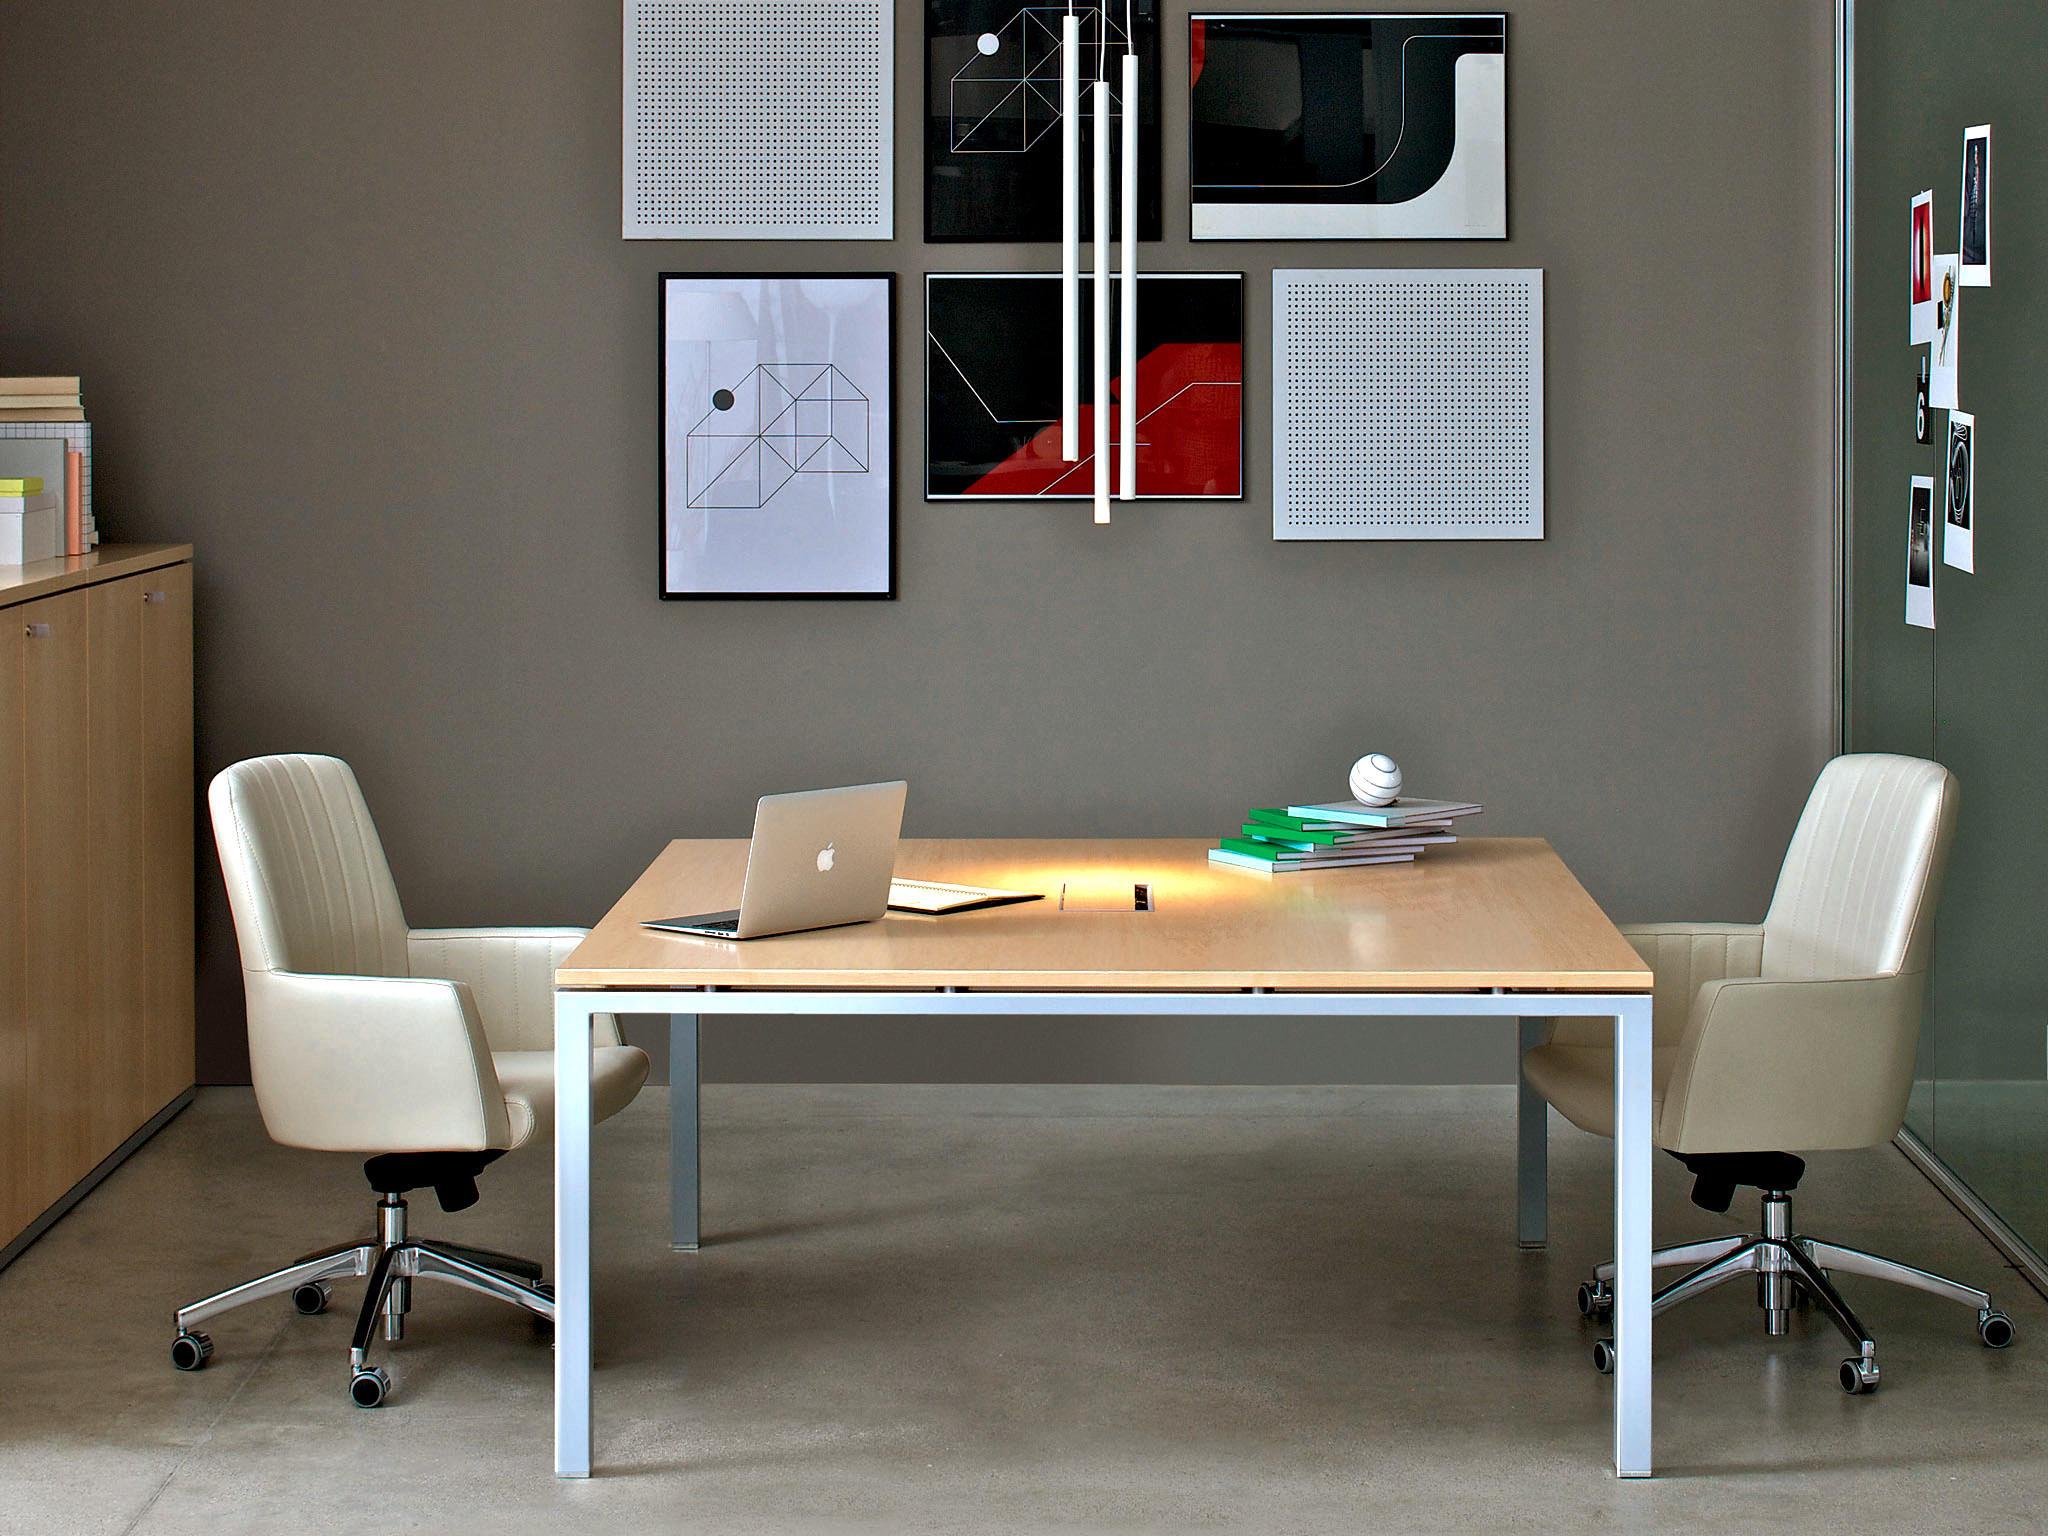 Asterisco in single desk escritorios individuales de estel group architonic - Tavolo riunioni ikea ...